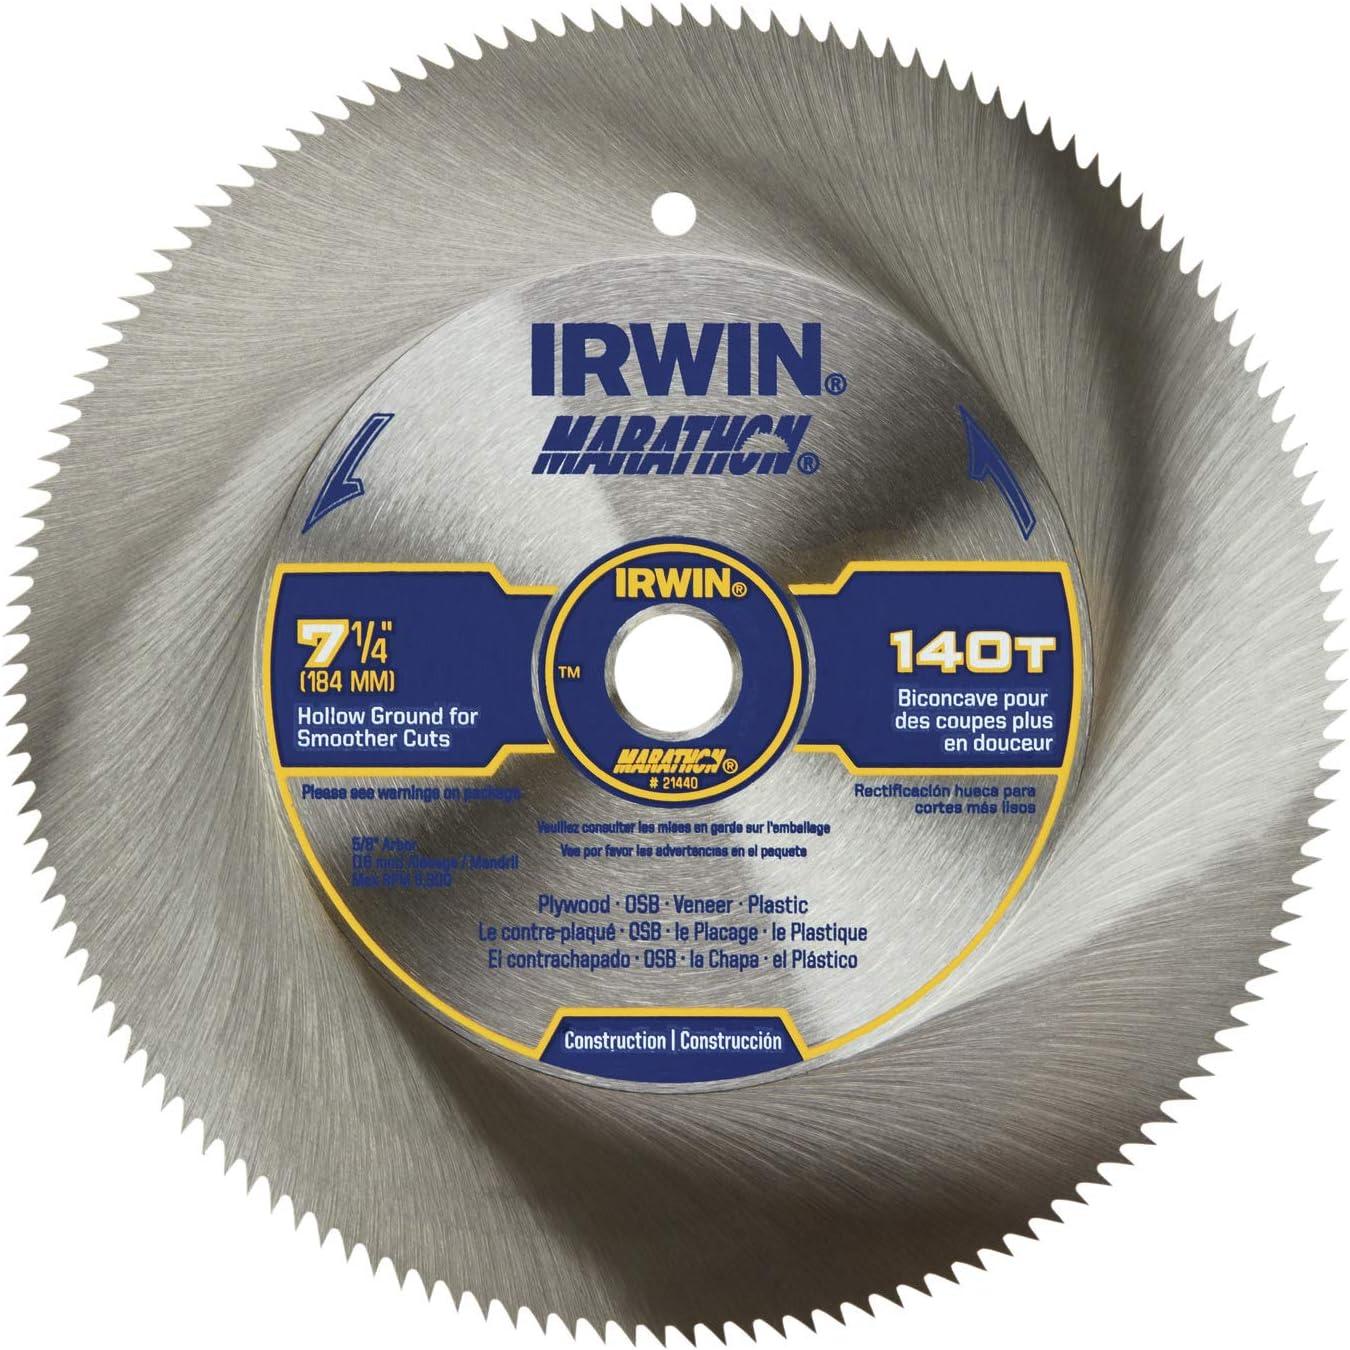 IRWIN 7-1/4-inch Steel Corded Circular Saw Blade